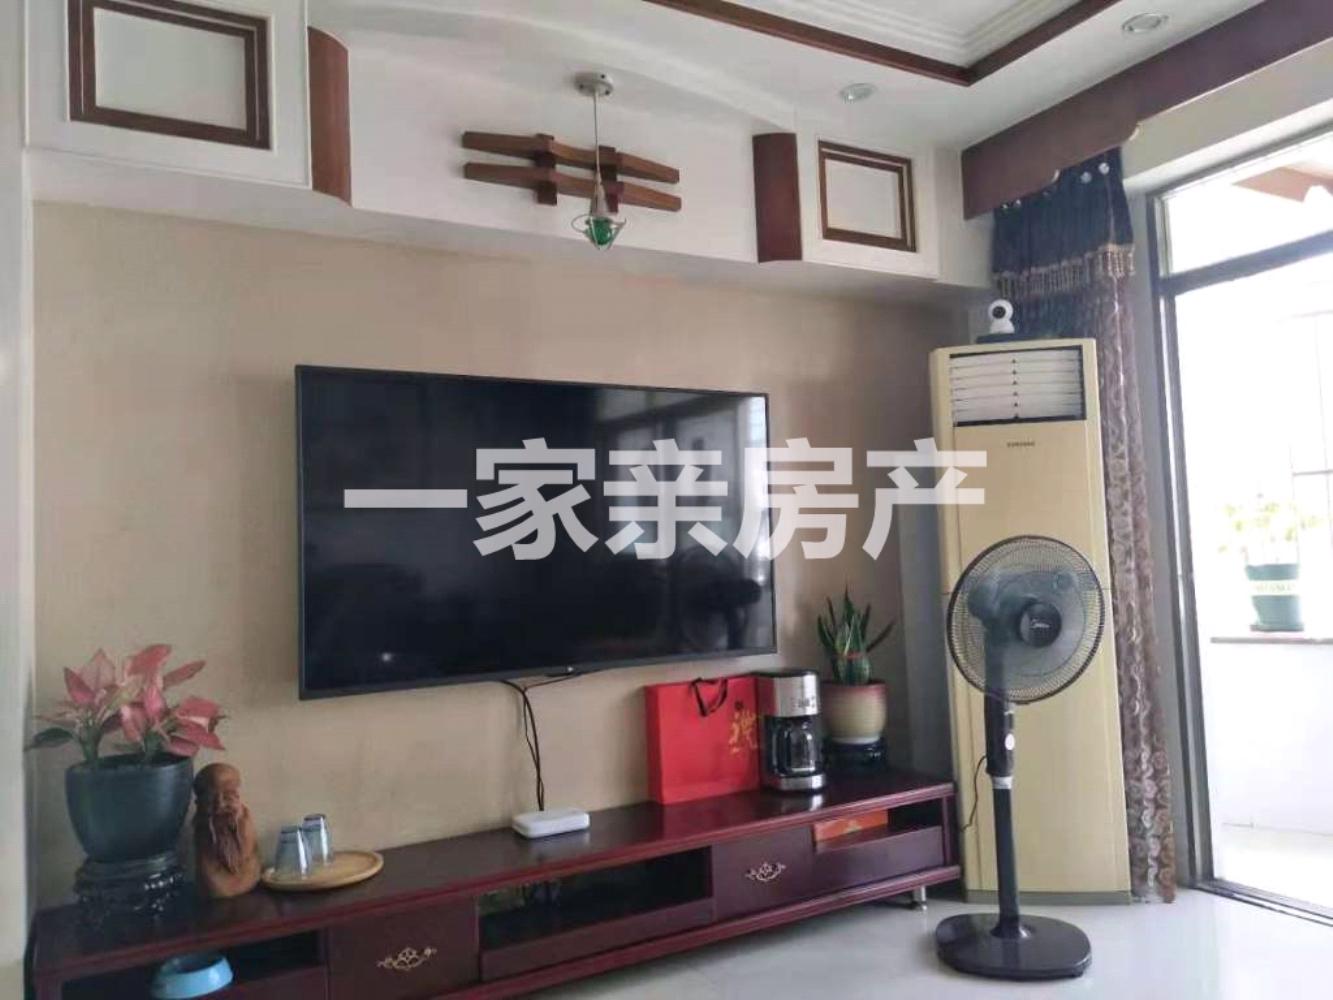 龙苑新村精装3房2厅带煤间仅售88万